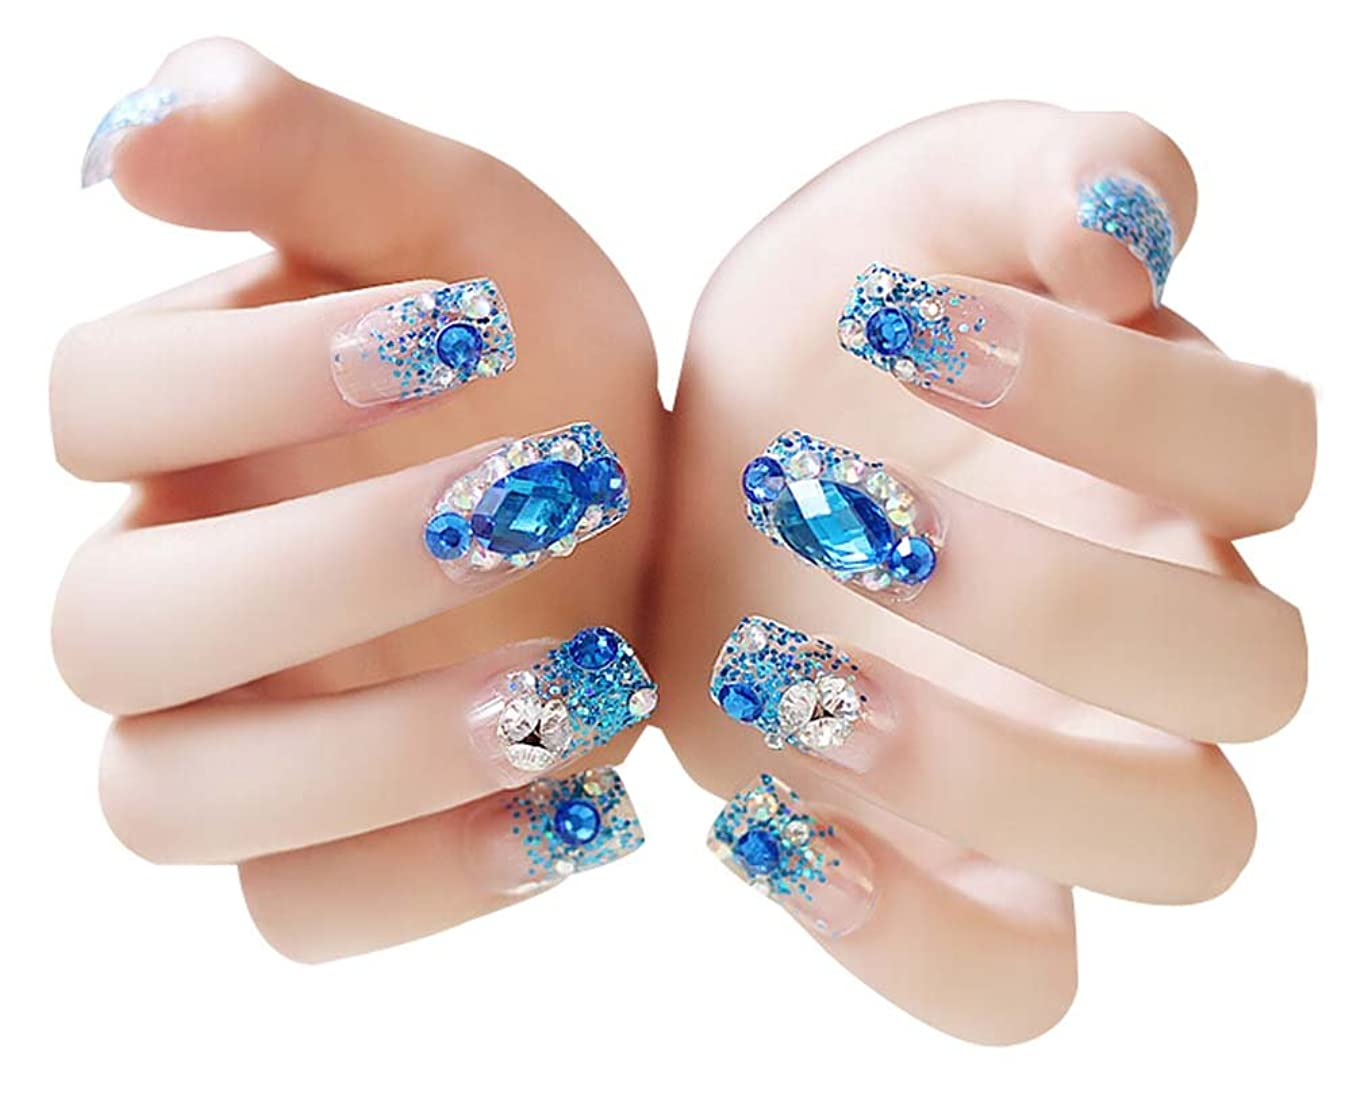 乳インゲン爬虫類美しいブルーのラインストーンの結婚式の偽の爪クリスタル偽のネイルアートセット、2パック - 48枚